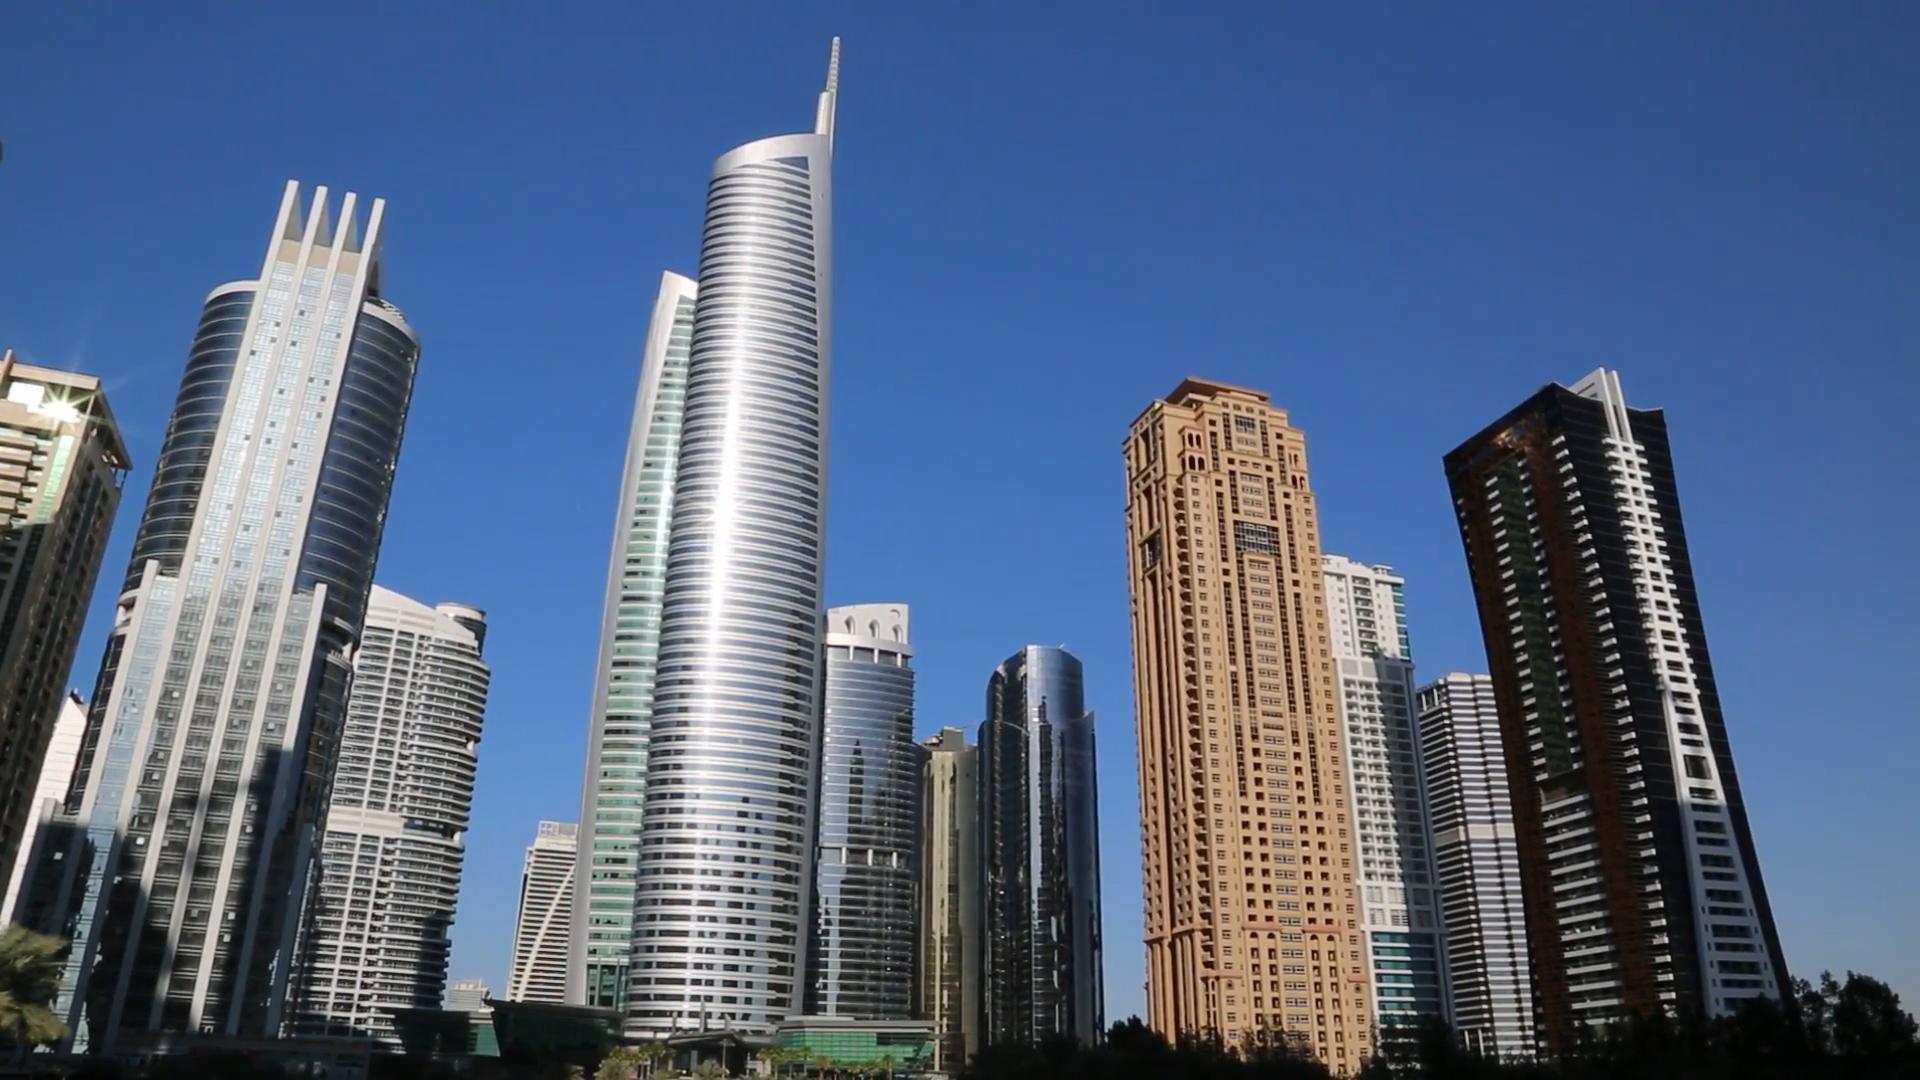 Сравнение небоскребов картинка